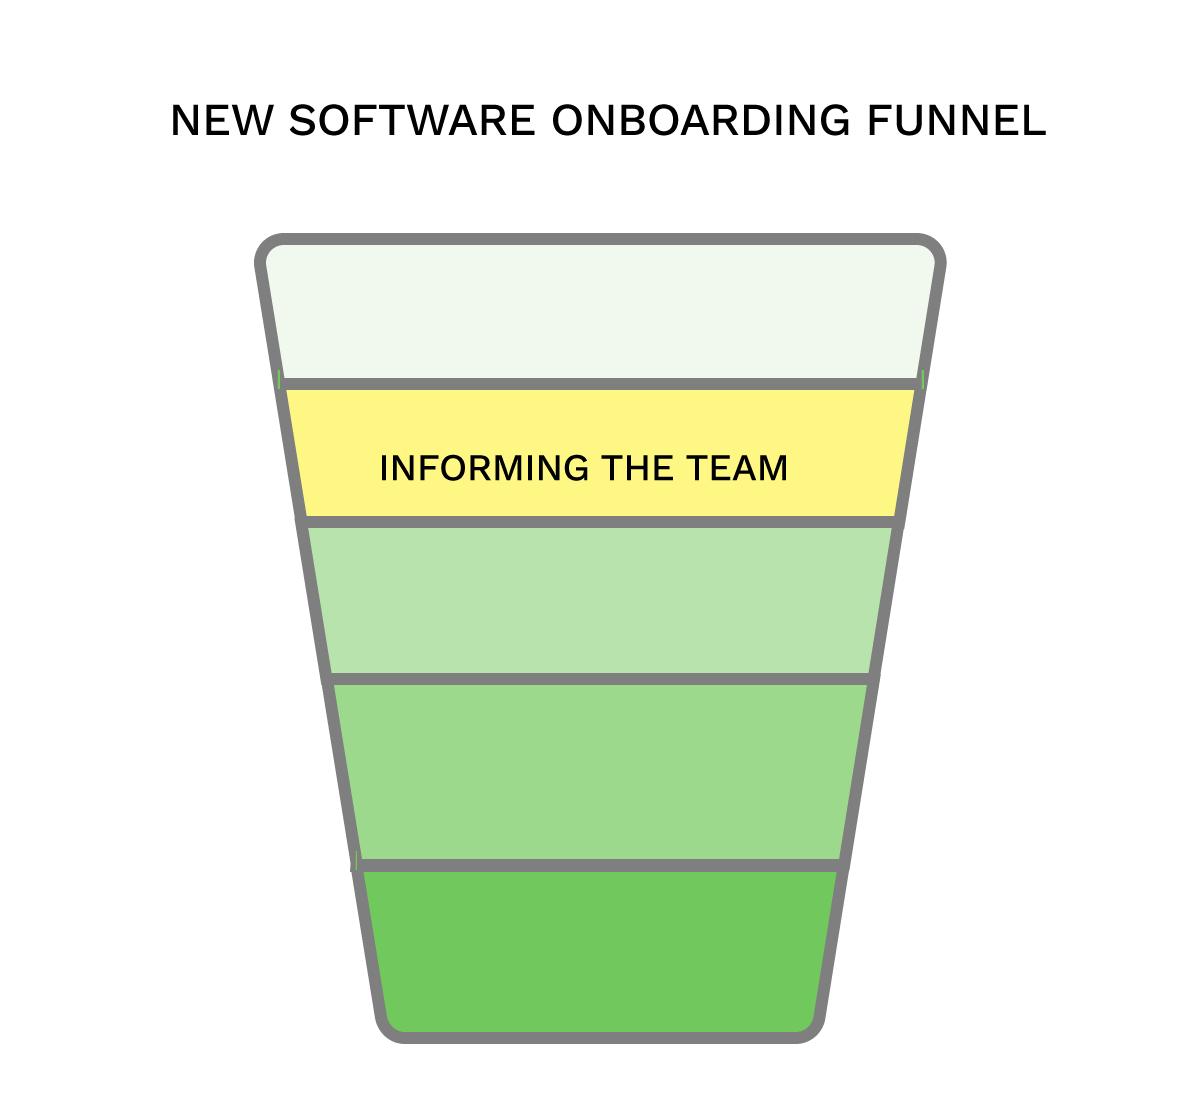 Imforming team step of onboarding